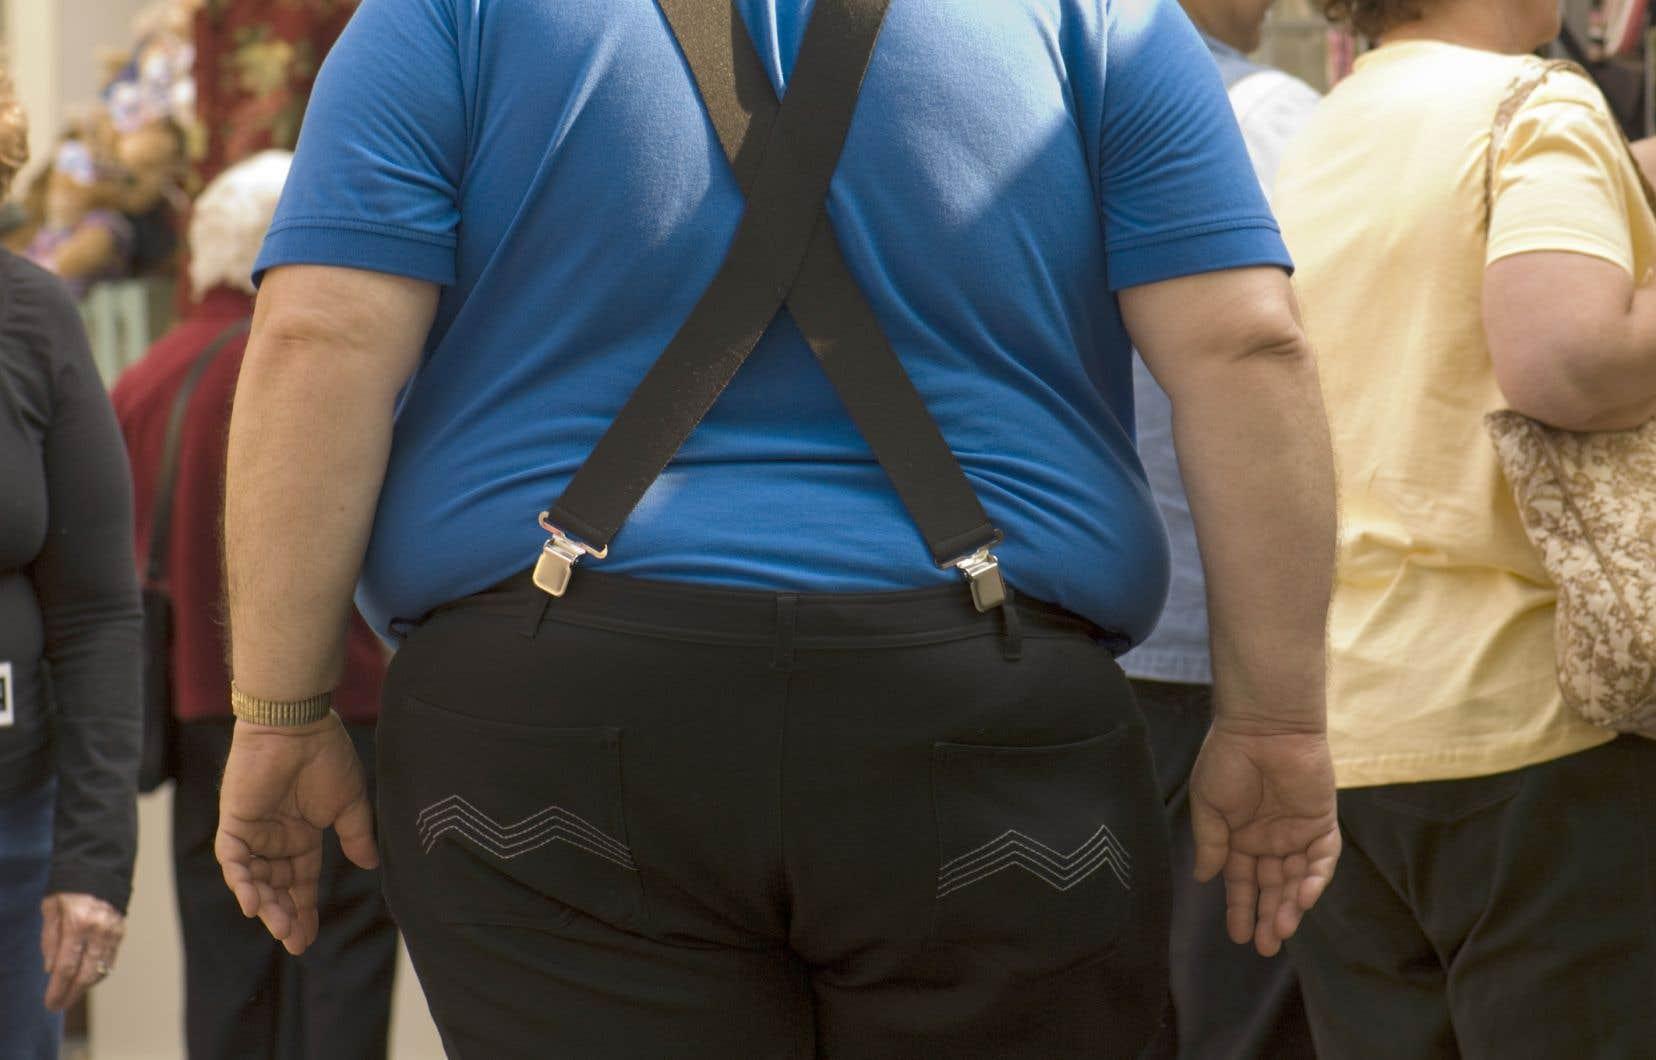 6 meilleurs camps de perte de poids pour les enfants aux États-Unis UU. En – Minceur Pro